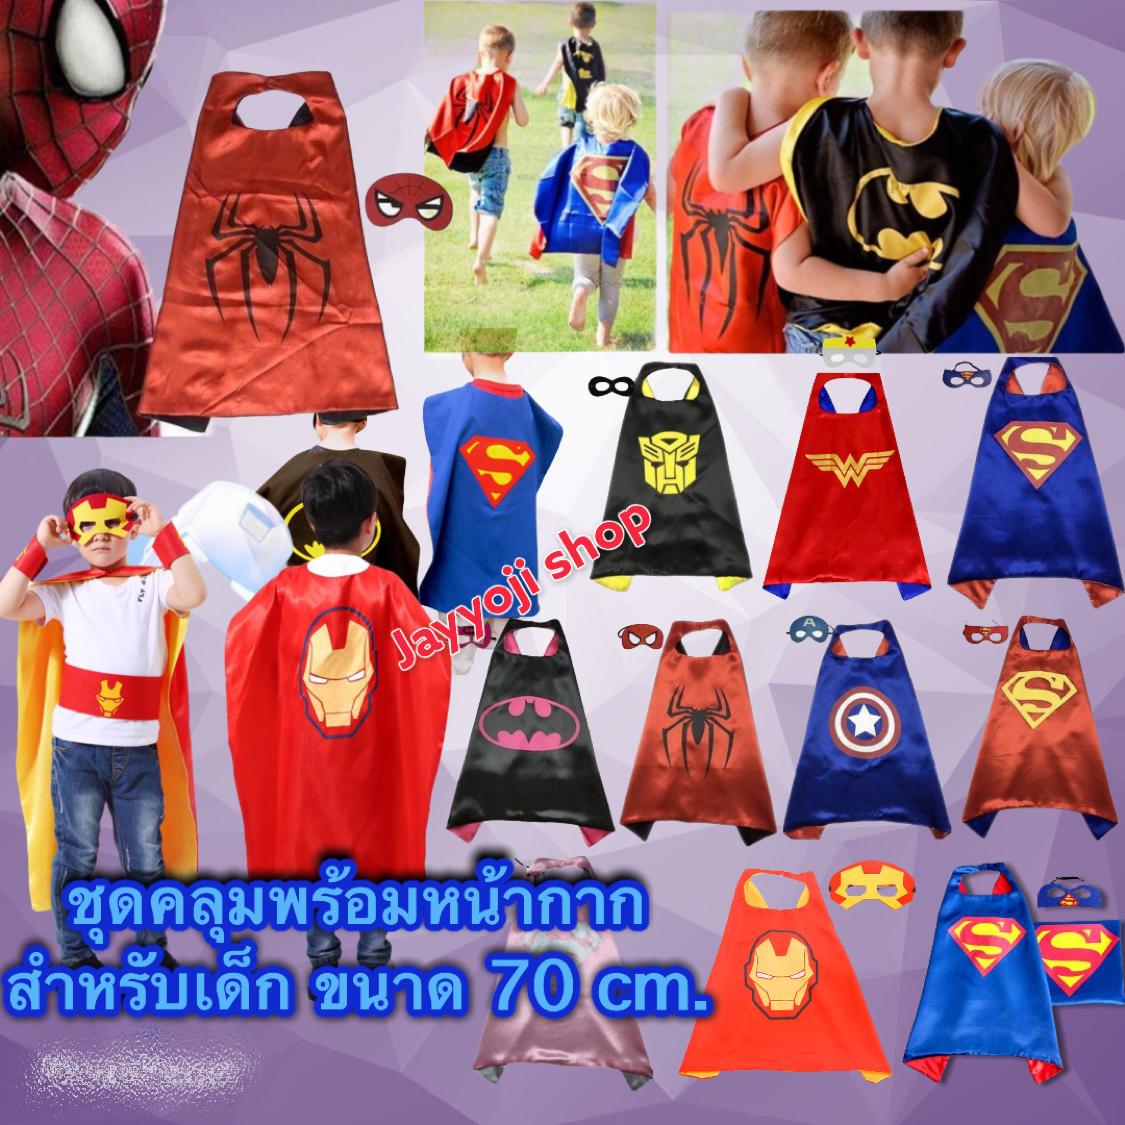 ชุดฮีโร่หน้ากาก ผ้าคลุม สำหรับเด็ก พร้อมหน้ากาก ส่งในไทย.